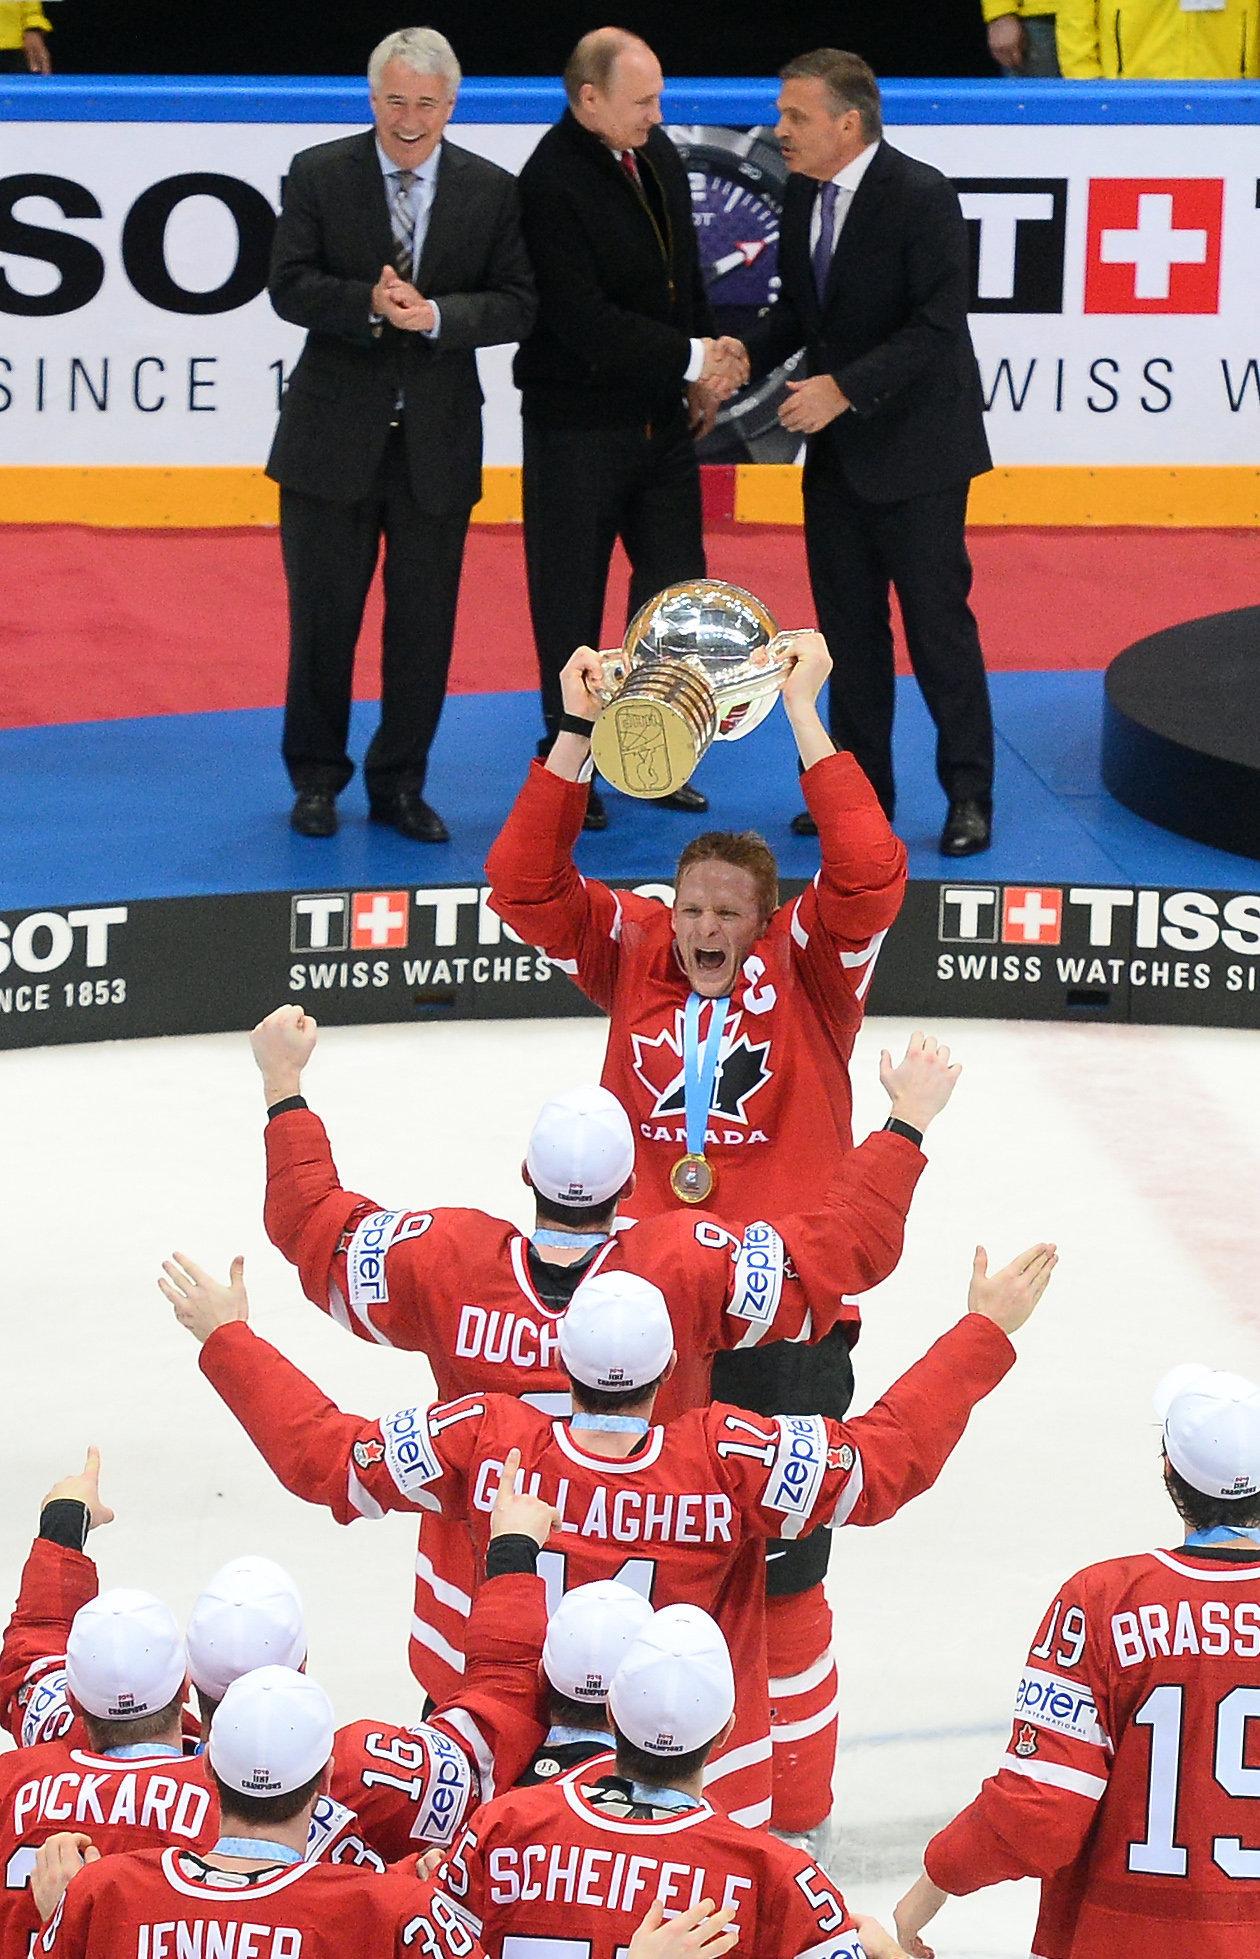 Vladimir Poutine a félicité la sélection canadienne pour sa victoire au championnat du monde de hockey sur glace